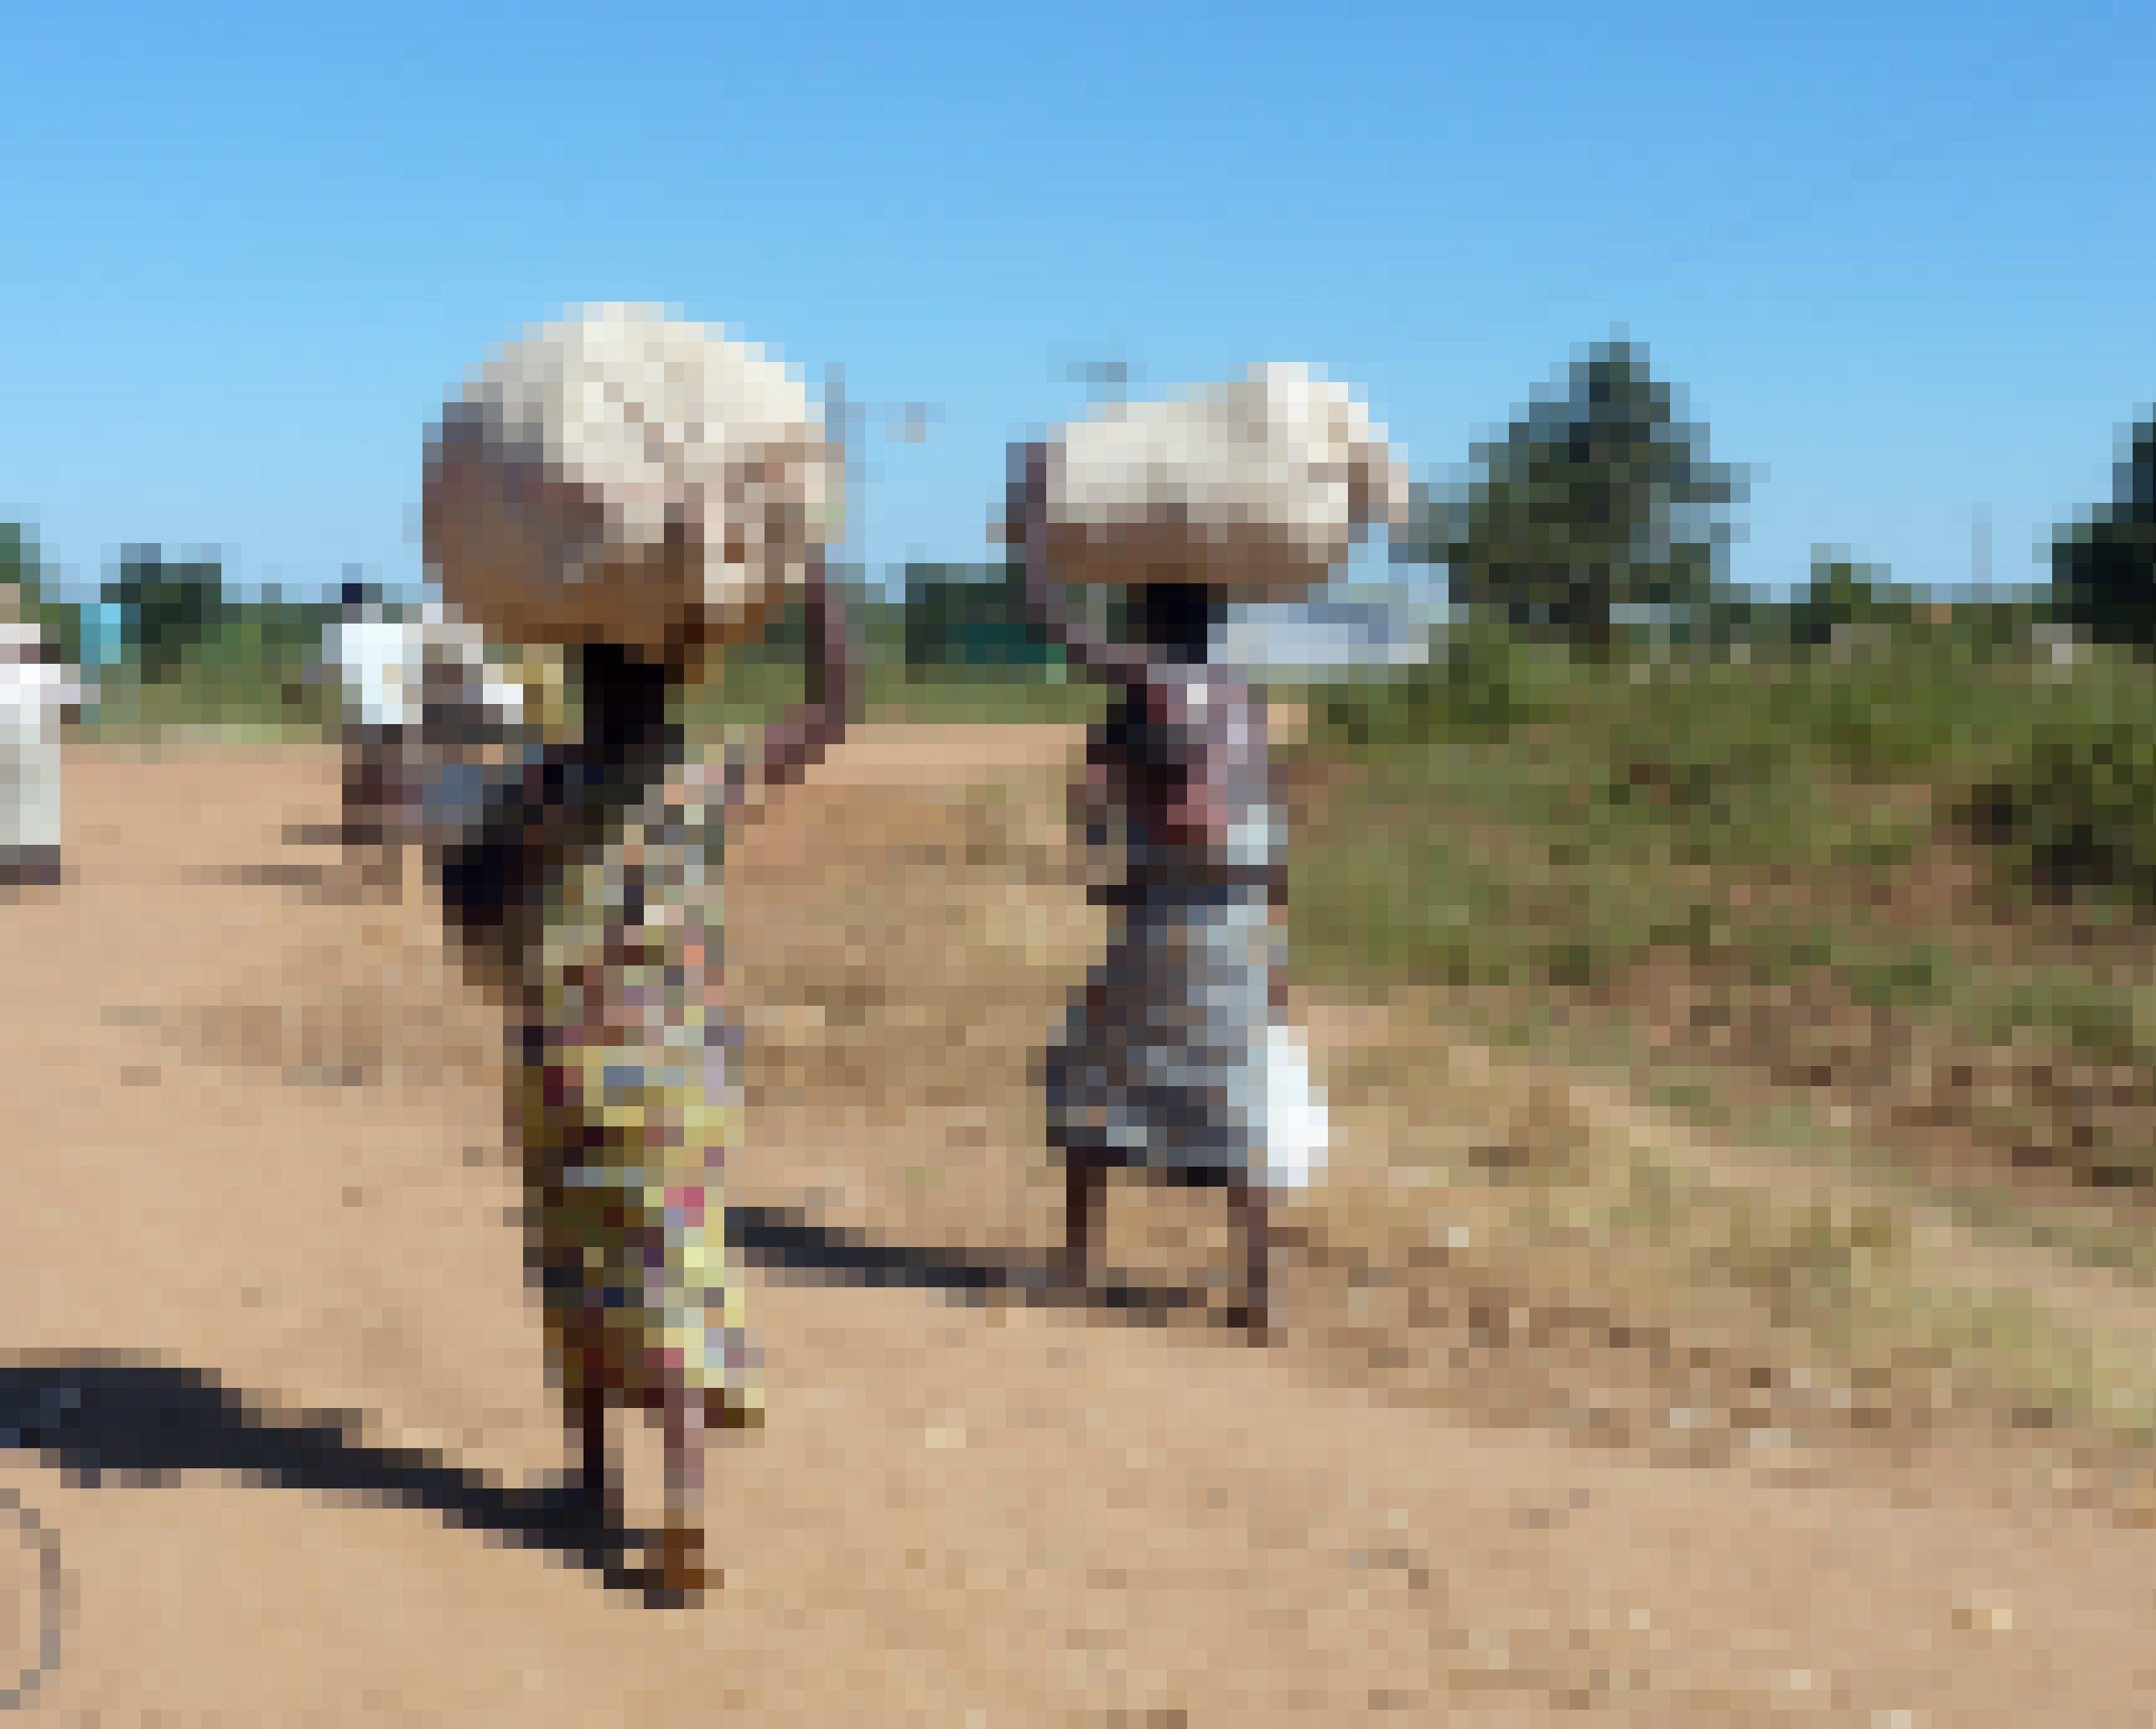 Das Bild zeigt zwei Frauen, die schwere Säcke auf dem Kopf transportieren, die Straße ist staubig, der Weg zum Markt weit..